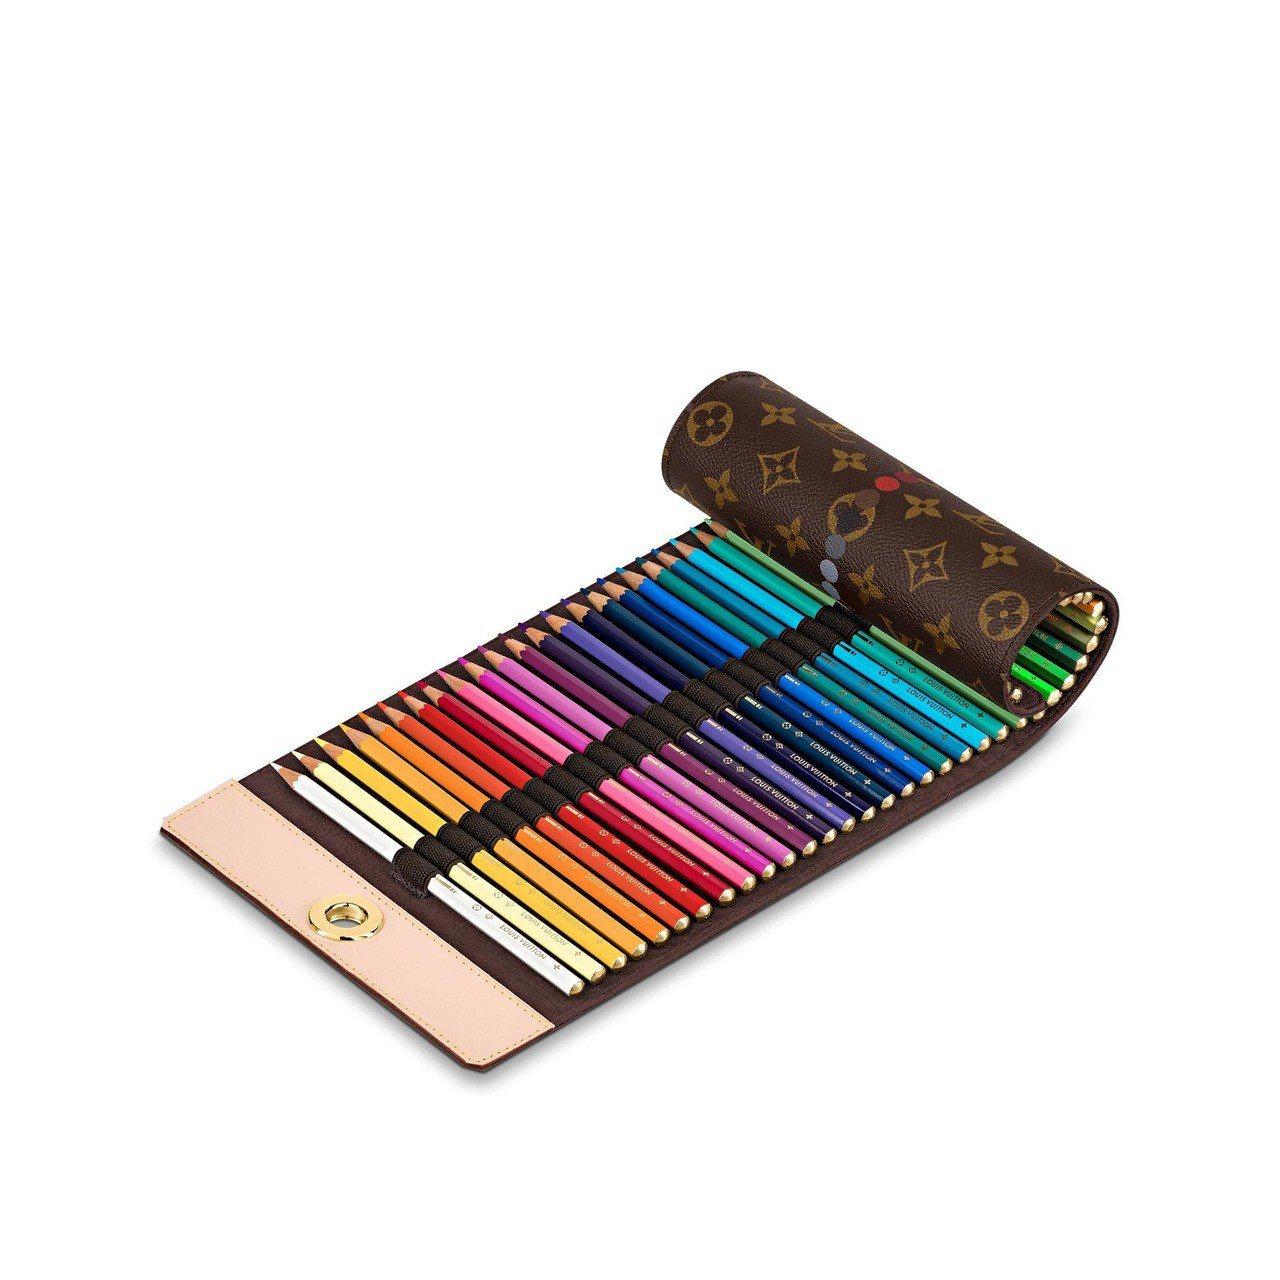 顏色筆筆袋,售價32,100元。圖/取自官網